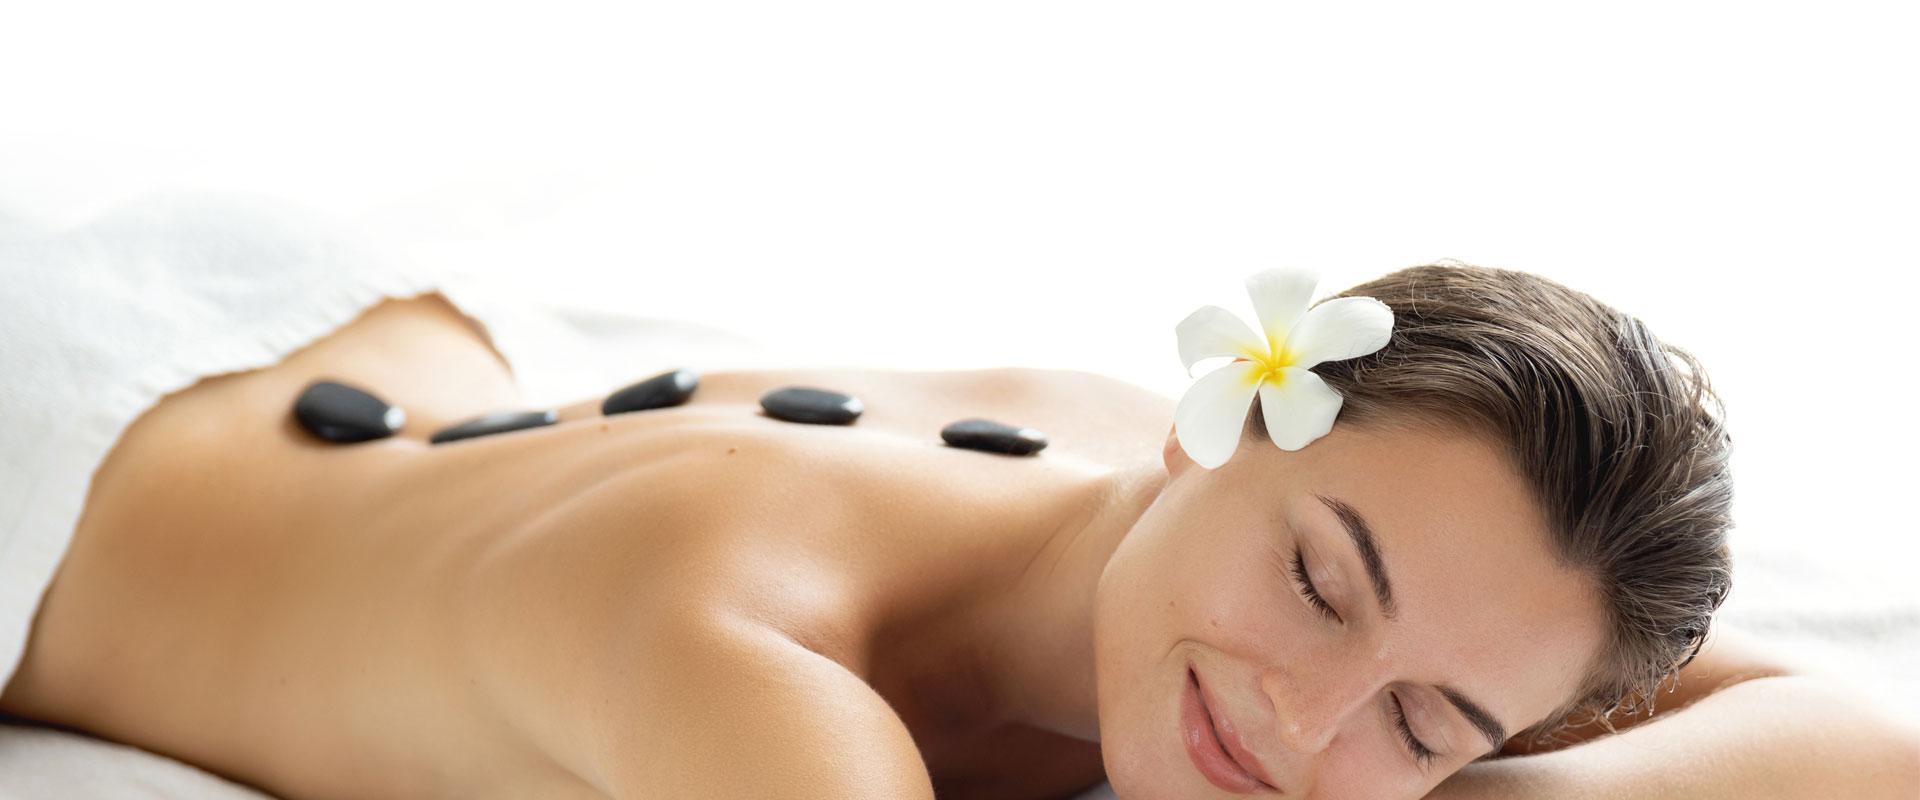 Le massage bien etre pour un moment de detente.jpg